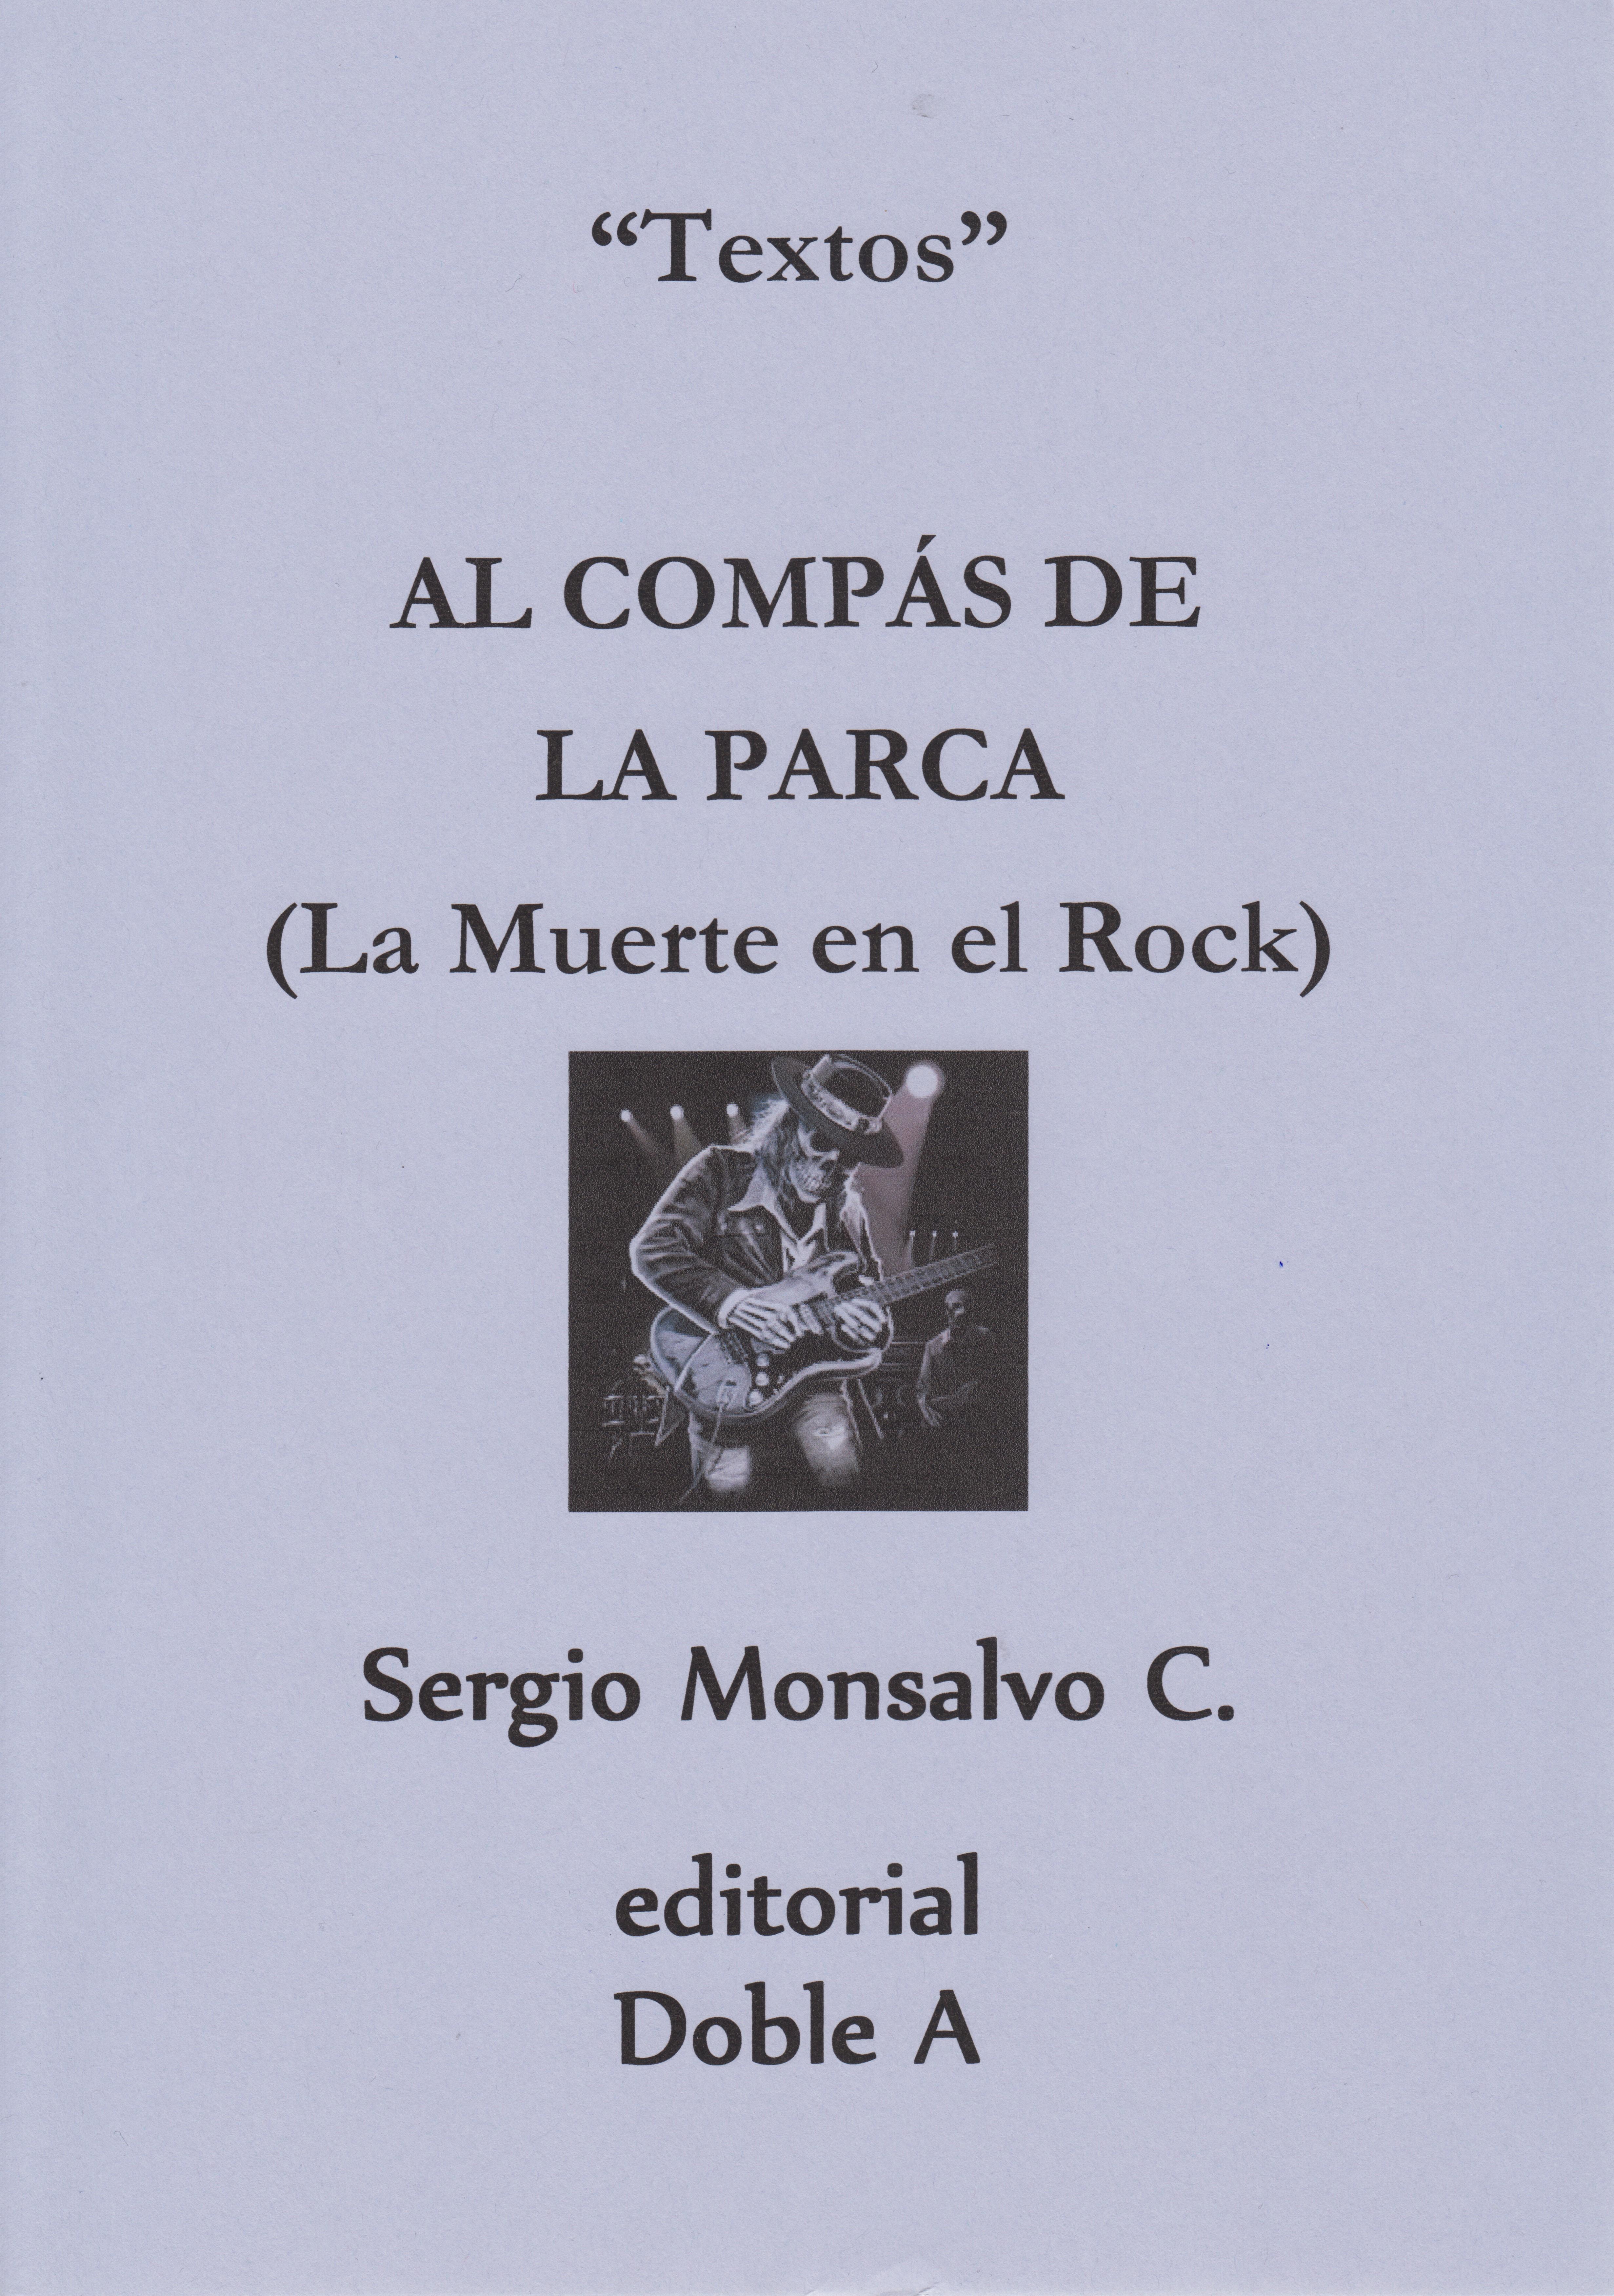 AL COMPÁS DE LA PARCA (PORTADA)